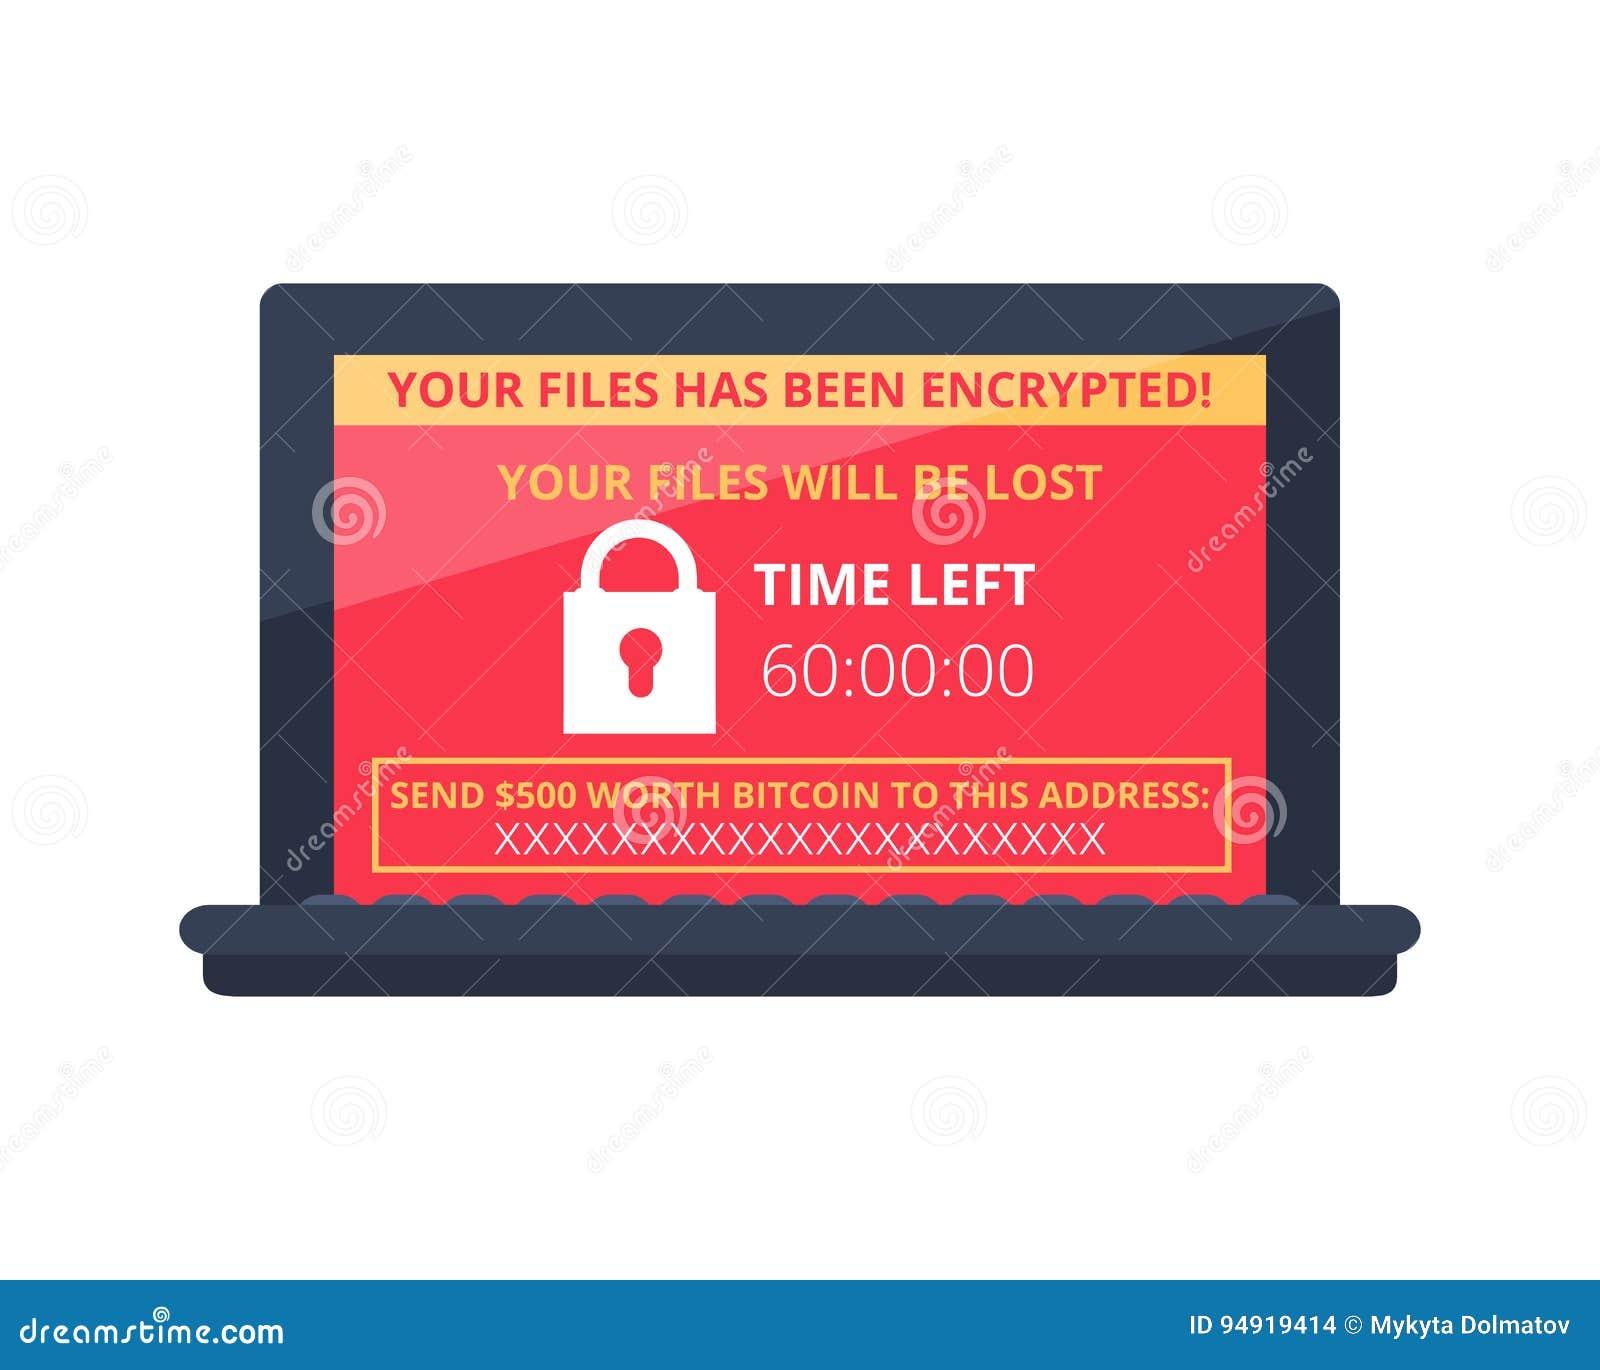 Computer besmet door malware ransomware wannacry virus